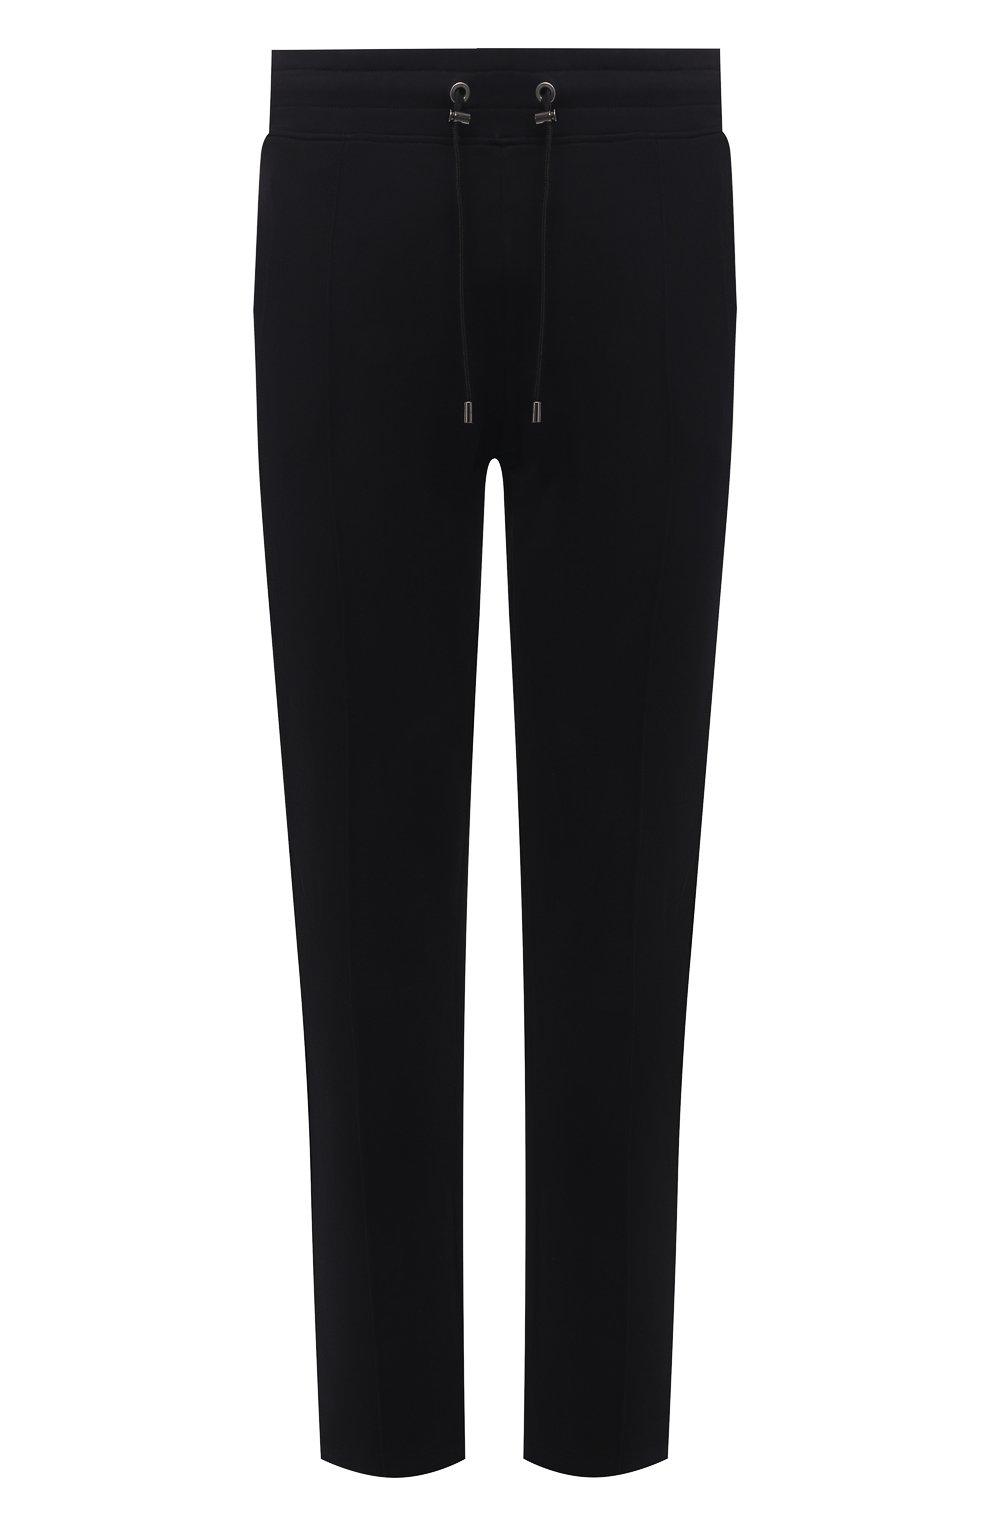 Мужские хлопковые брюки LIMITATO черного цвета, арт. TW0 T0NE/TRACK PANTS   Фото 1 (Мужское Кросс-КТ: Брюки-трикотаж; Длина (брюки, джинсы): Стандартные; Случай: Повседневный; Кросс-КТ: Спорт; Материал внешний: Хлопок; Стили: Спорт-шик)